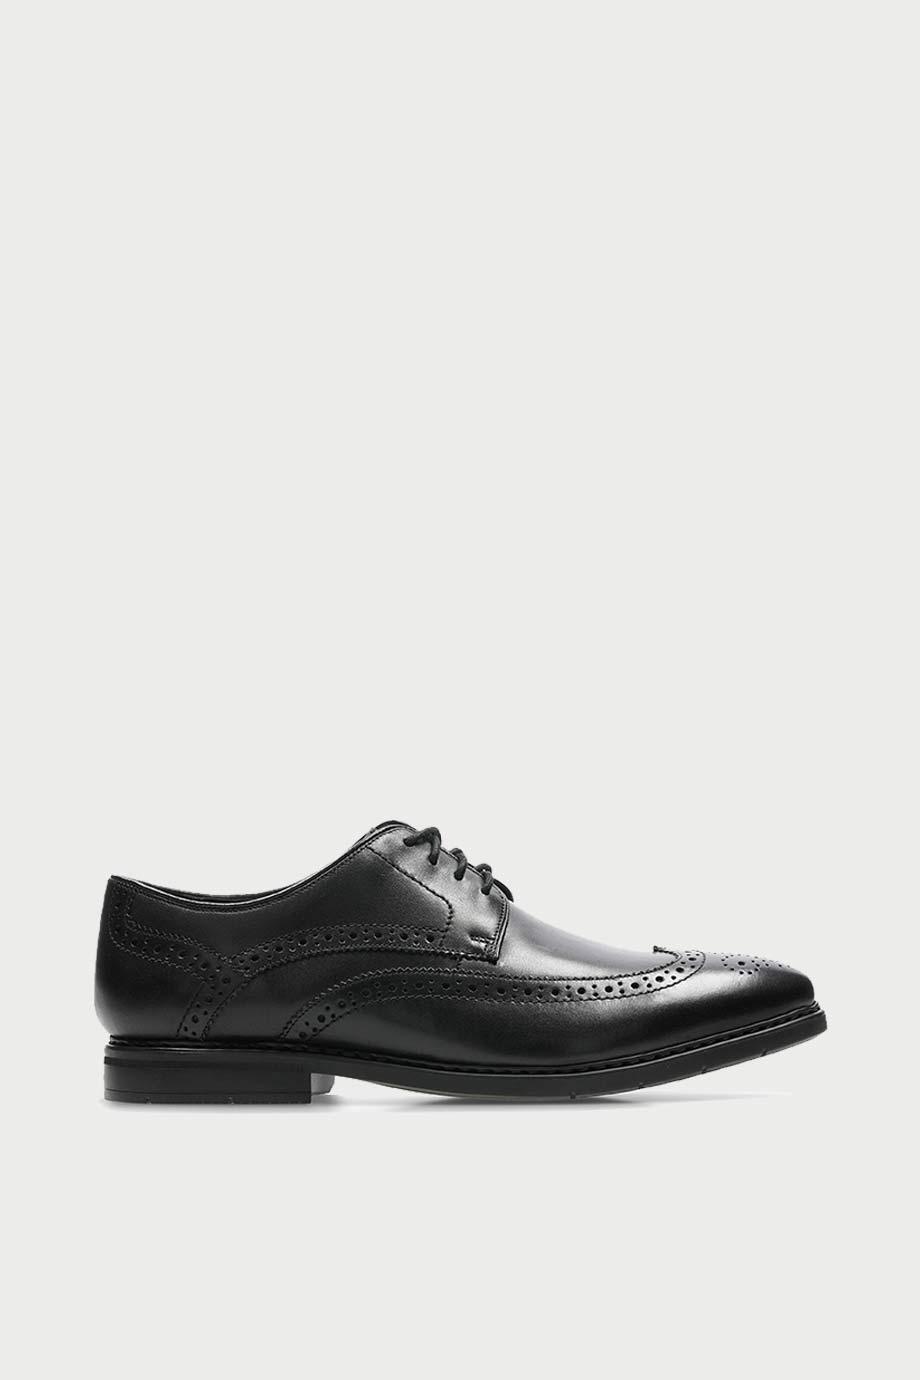 spiridoula metheniti shoes xalkida p banbury limit black leather clarks